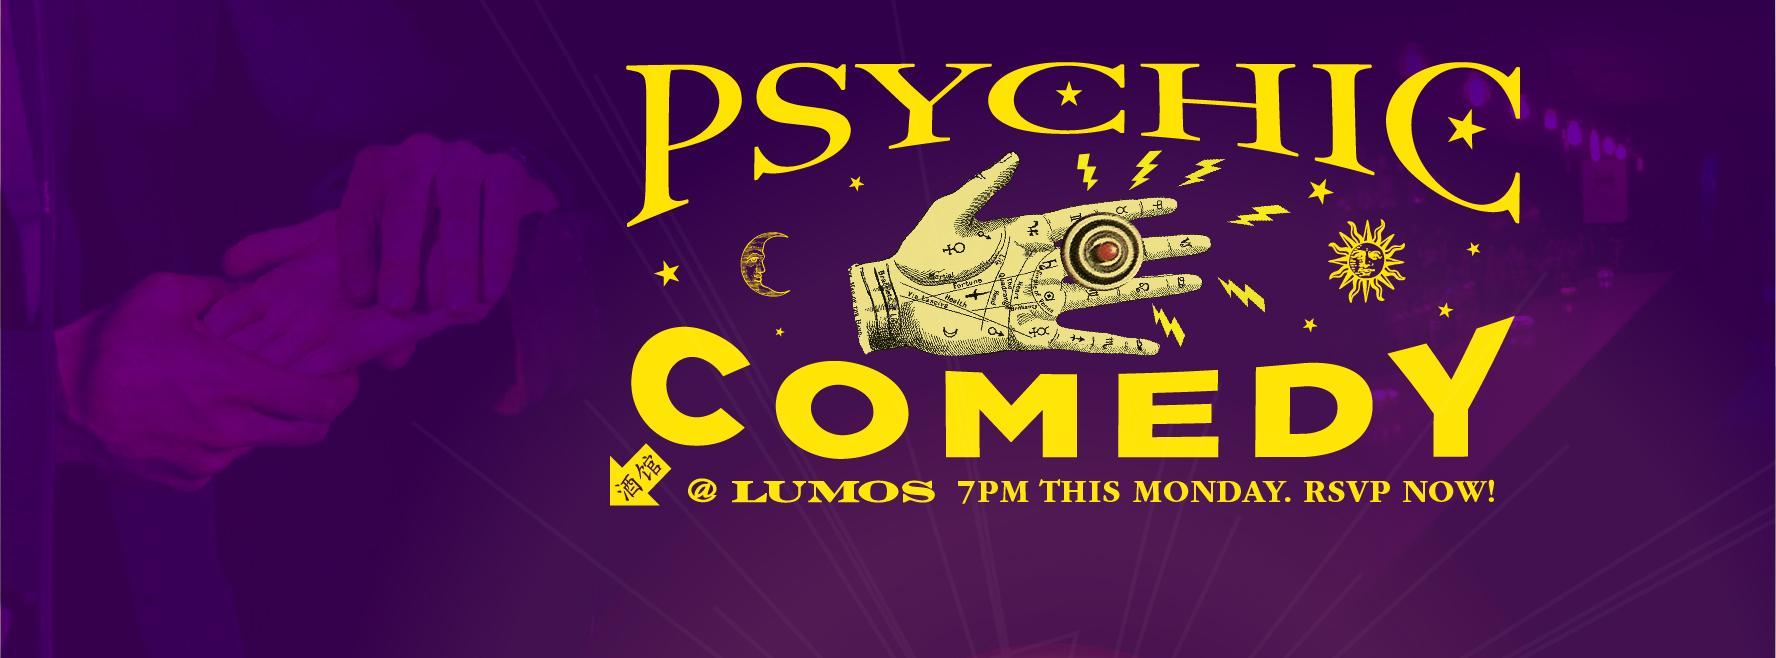 Psychic Comedy @ Lumos